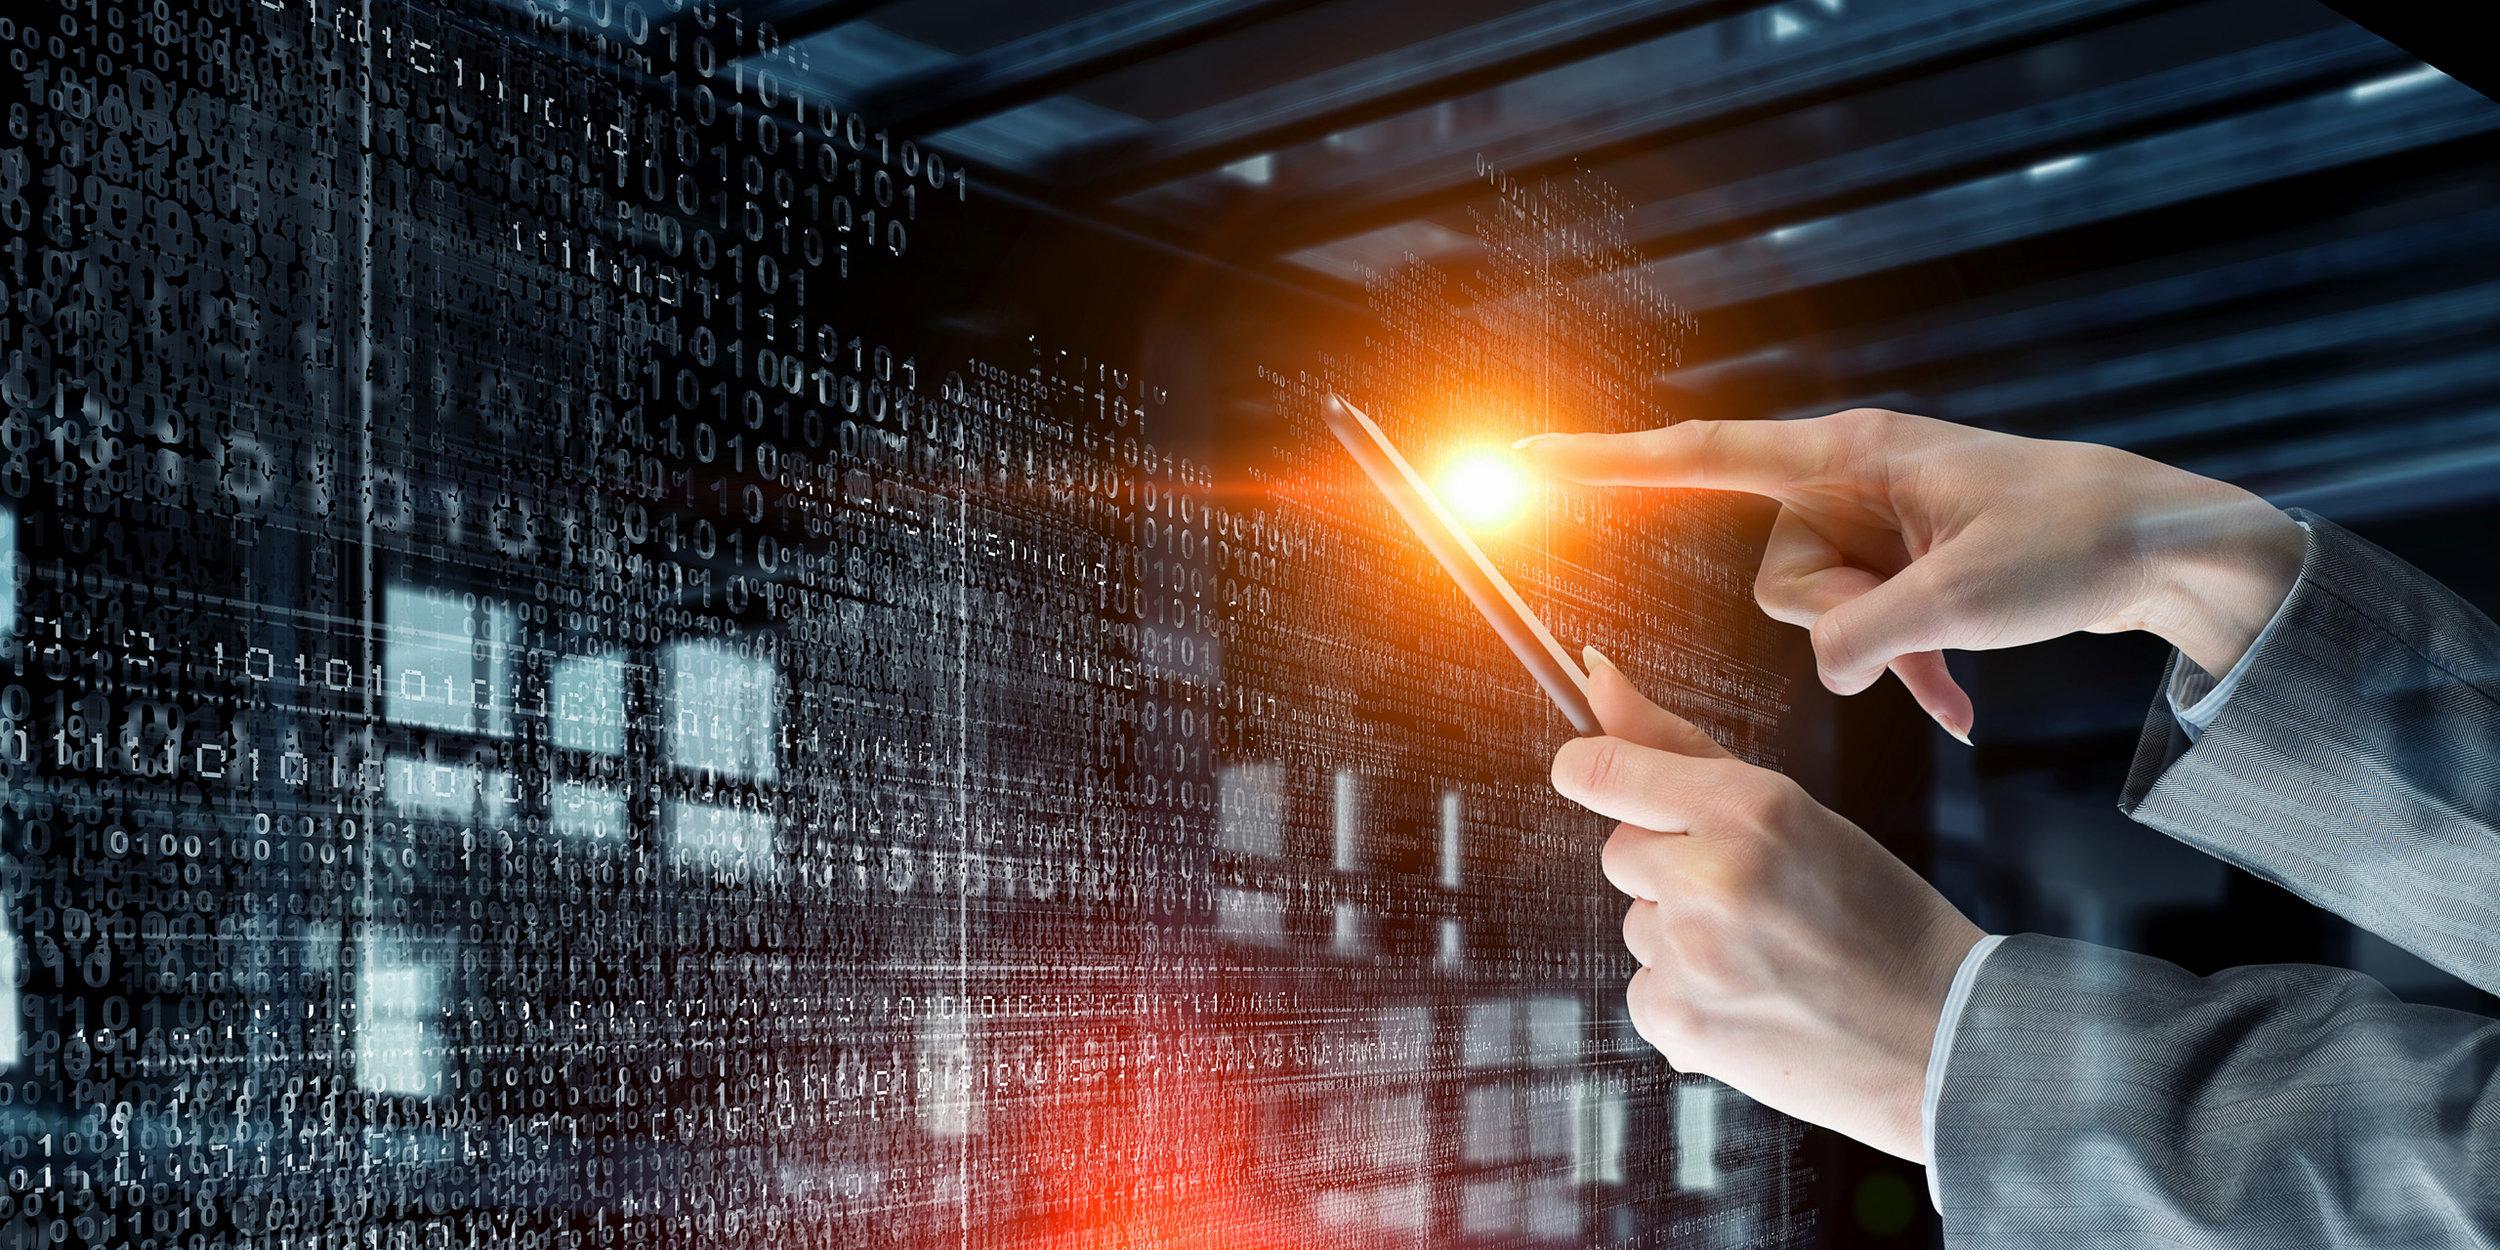 Digitalisierung - Information und DatenkompetenzKommunikation und Zusammenarbeit Digitale Erstellung von Inhalten, SicherheitDigitalisierung - das Know How - Datenweitergabe Online, Veröffentlichung - digitales Teamwork, DSGVO und Urheberrecht. Basiswissen Social Media Management.